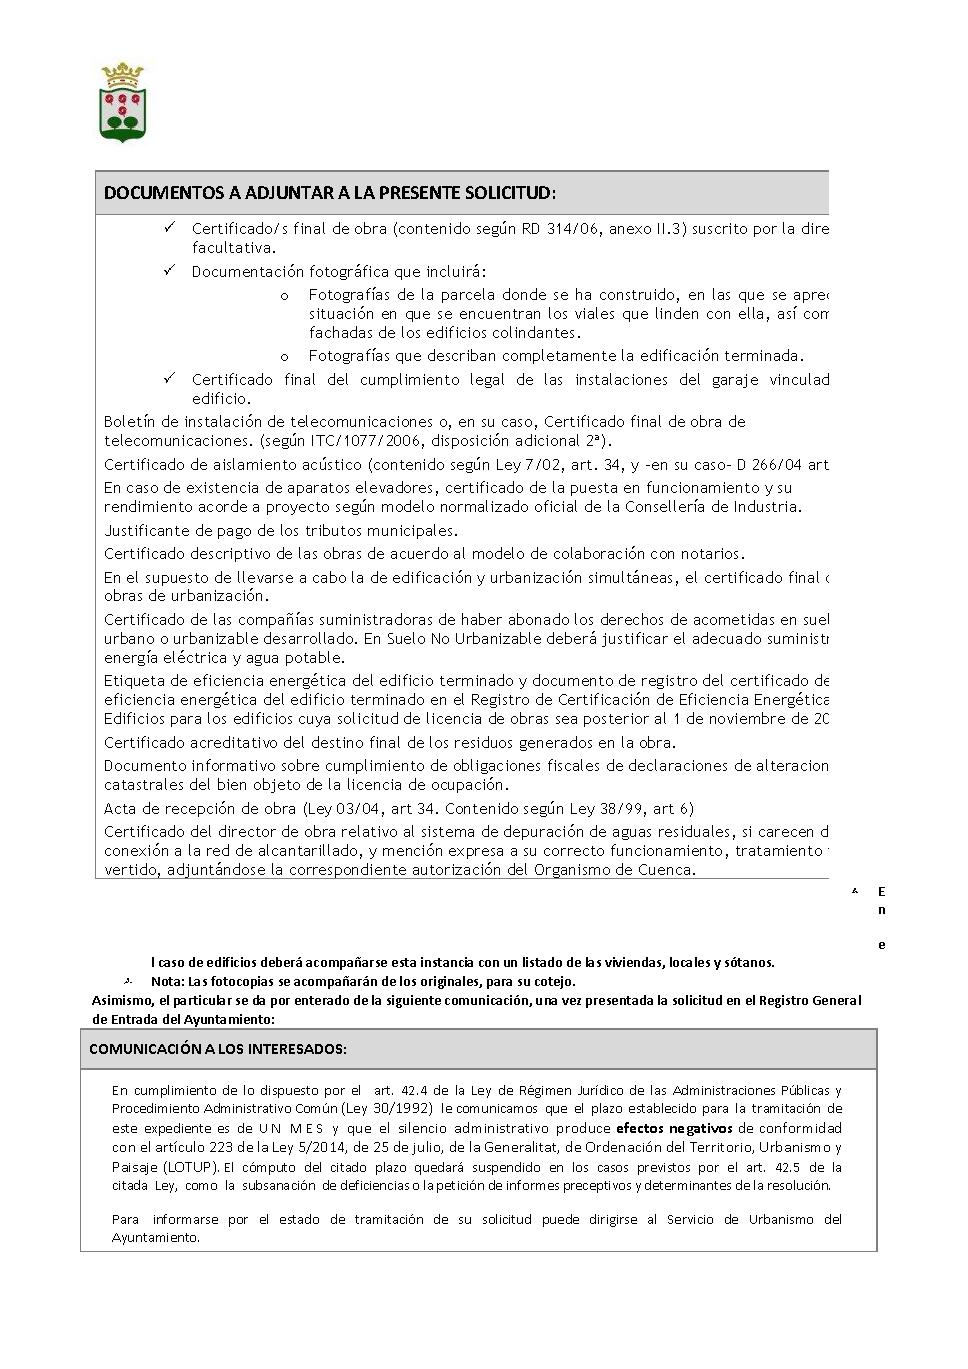 LICENCIA-OCUPACION-S-No-URBAnizable - Verger_Página_2